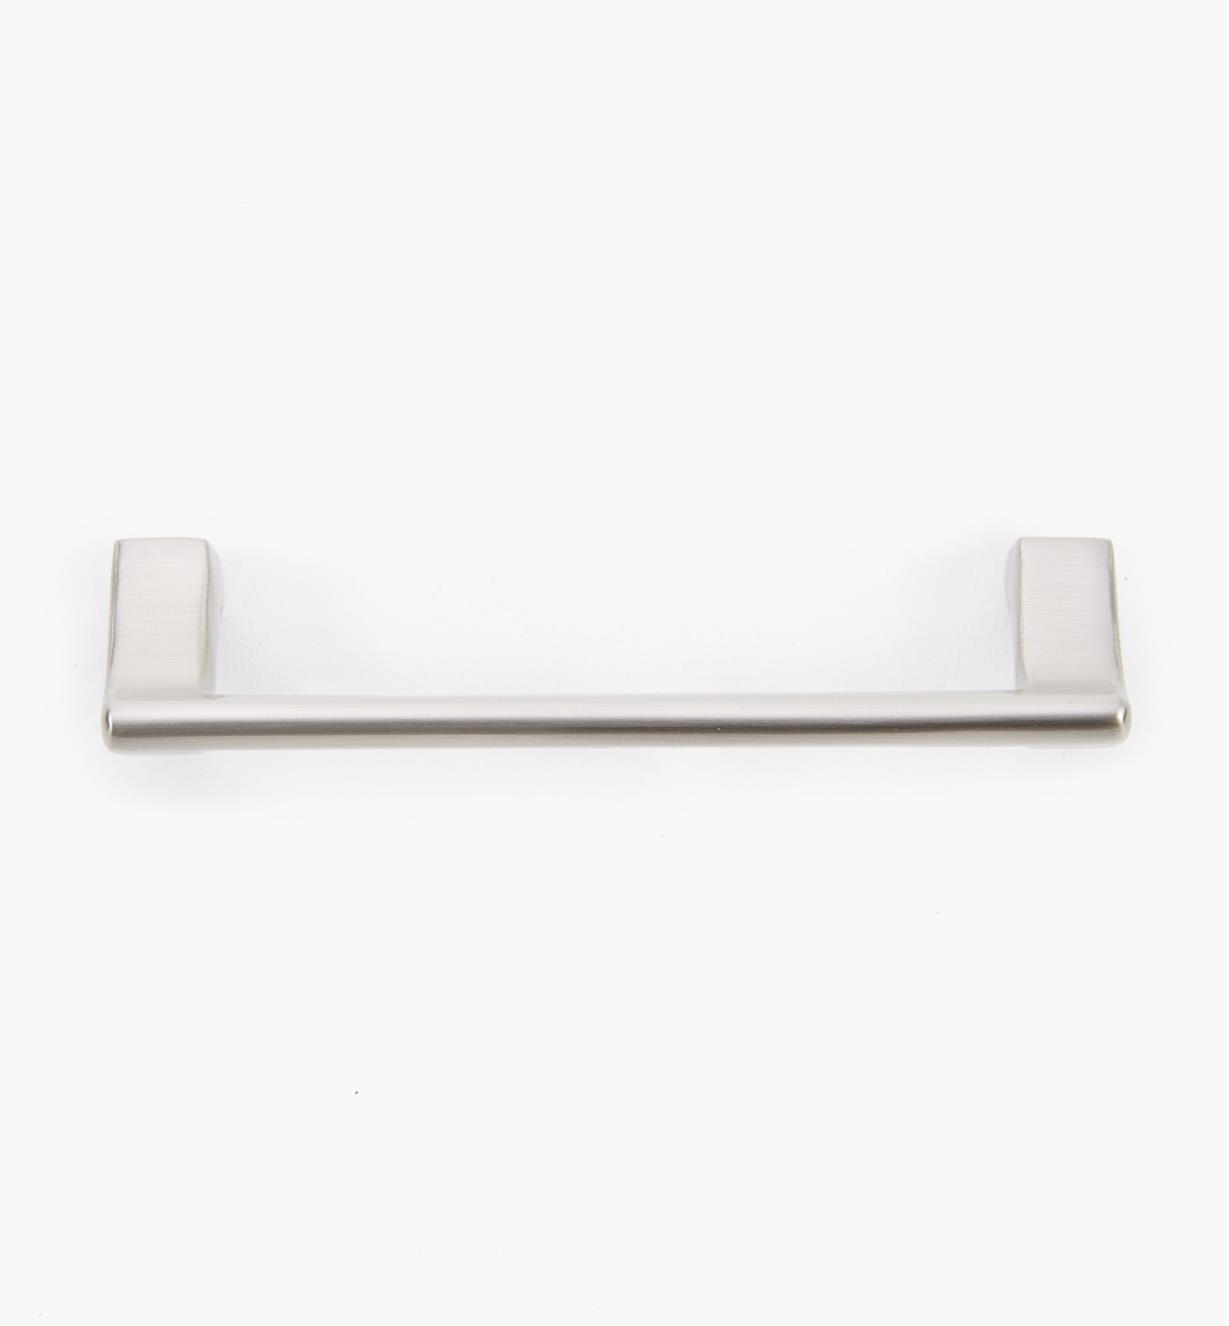 03W2376 - Contemporary Satin Nickel 96mm Offset De Novo Handle